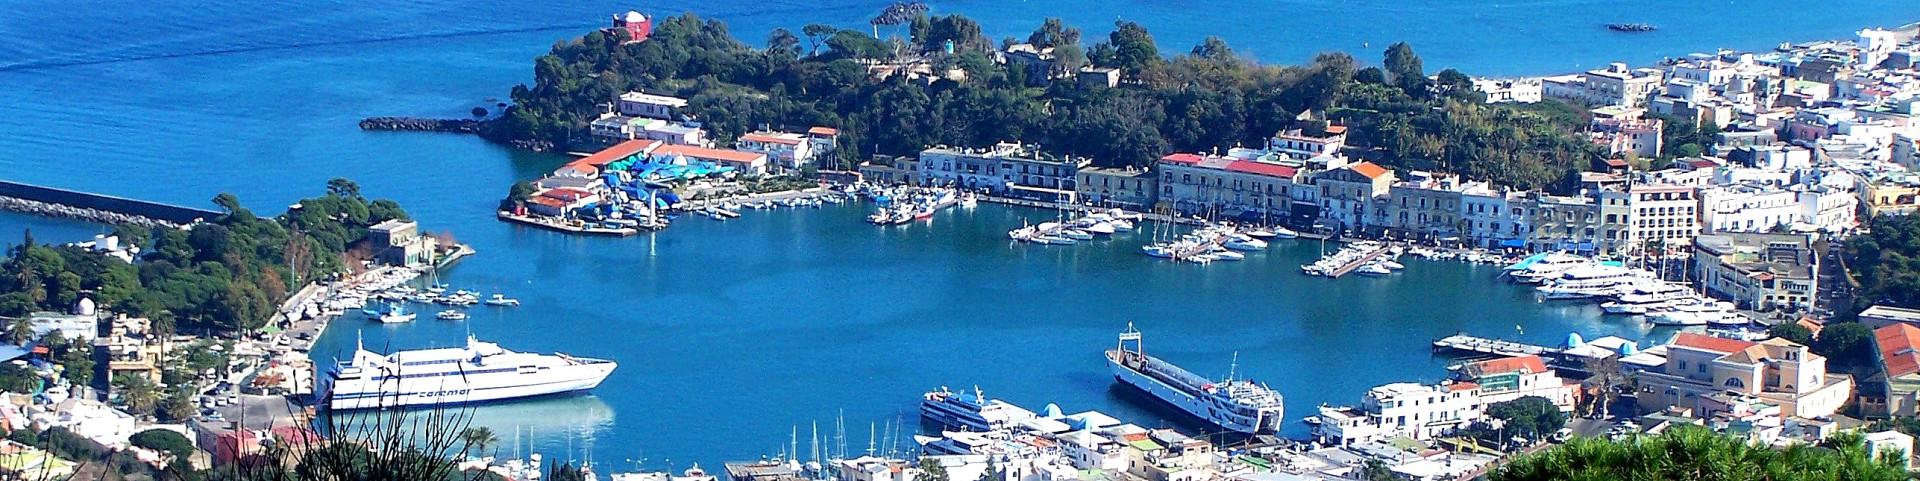 Ischia, přístav, kam zajíždí trajekty